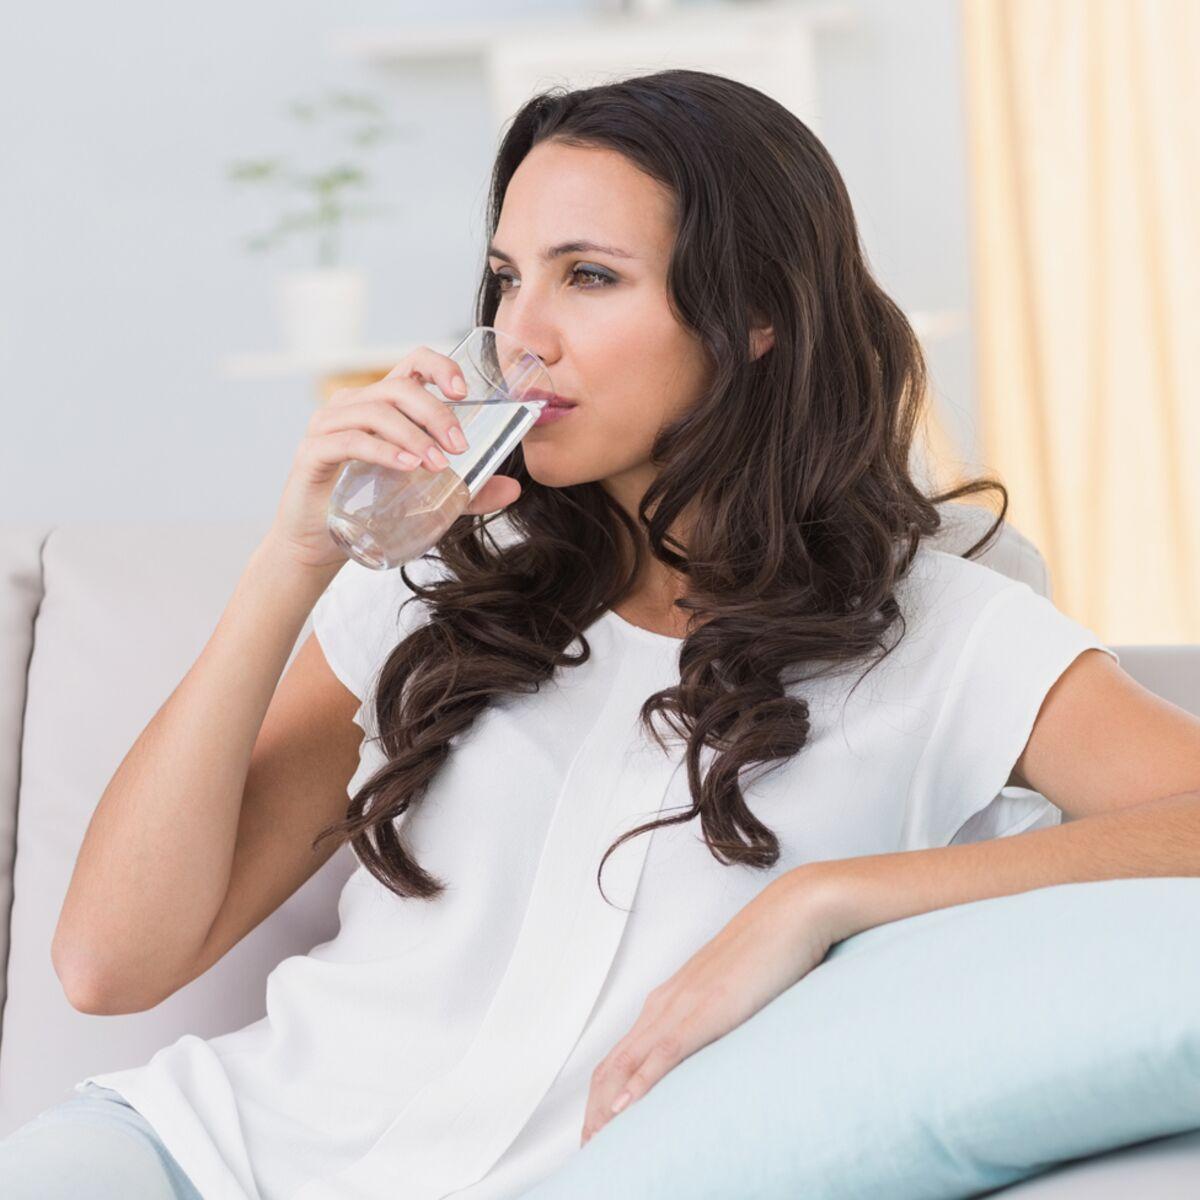 J'ai tout le temps soif : ce que ça dit de ma santé : Femme